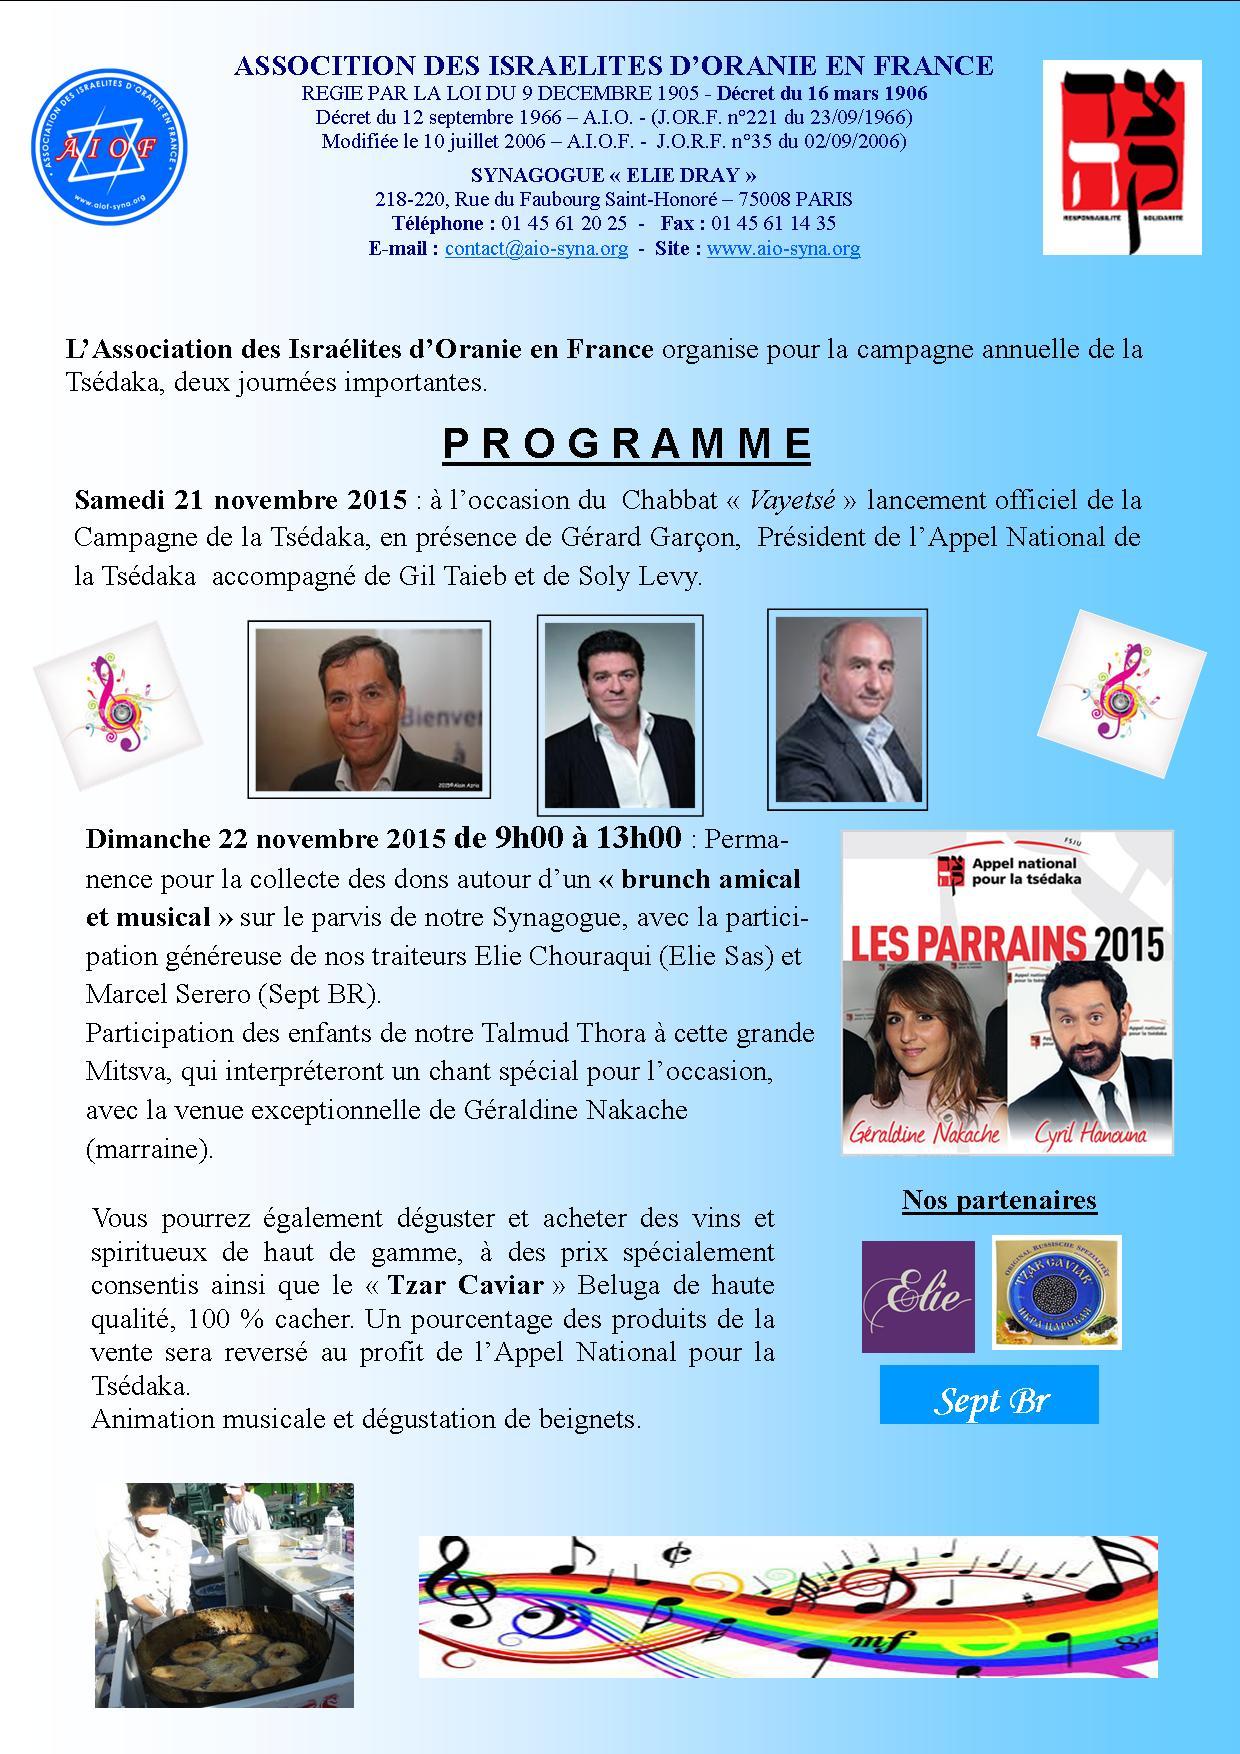 programme des journées de la Tsédaka 2015